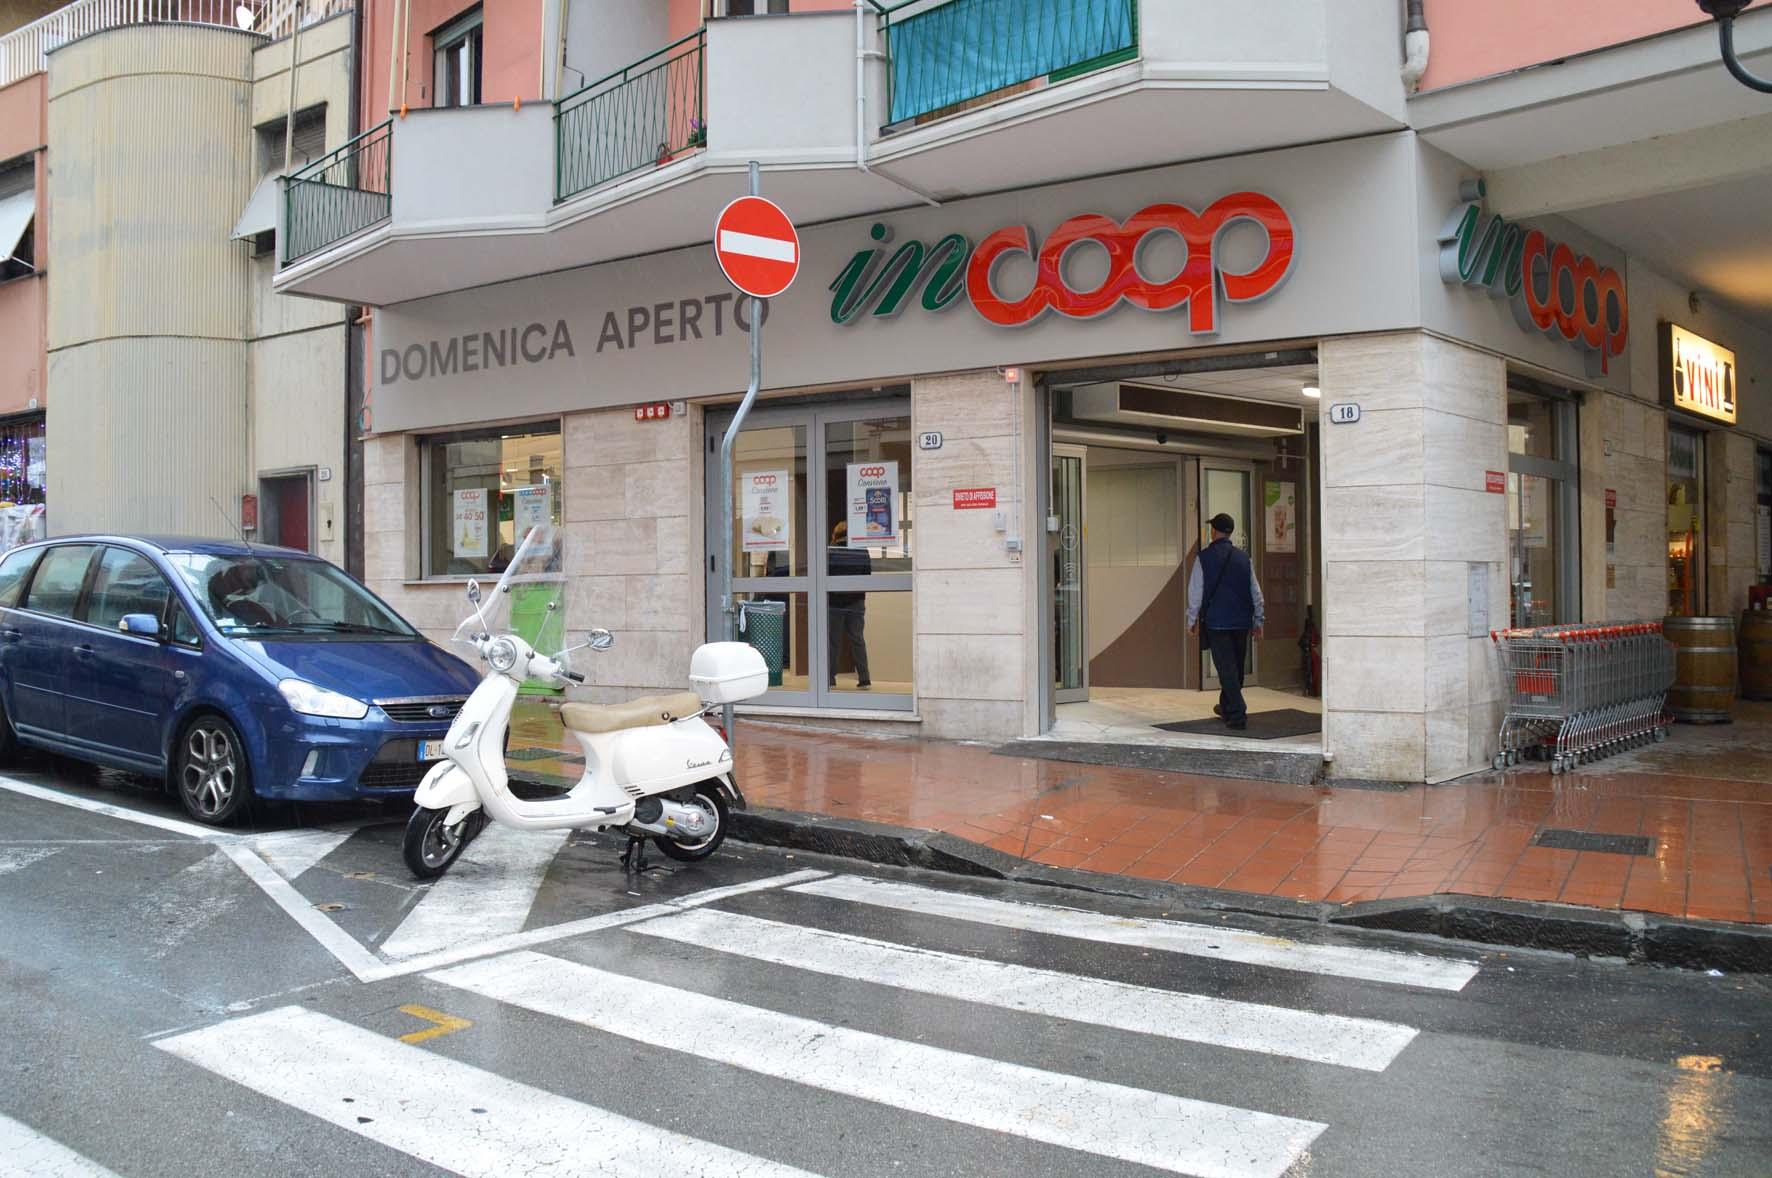 InCoop Recco